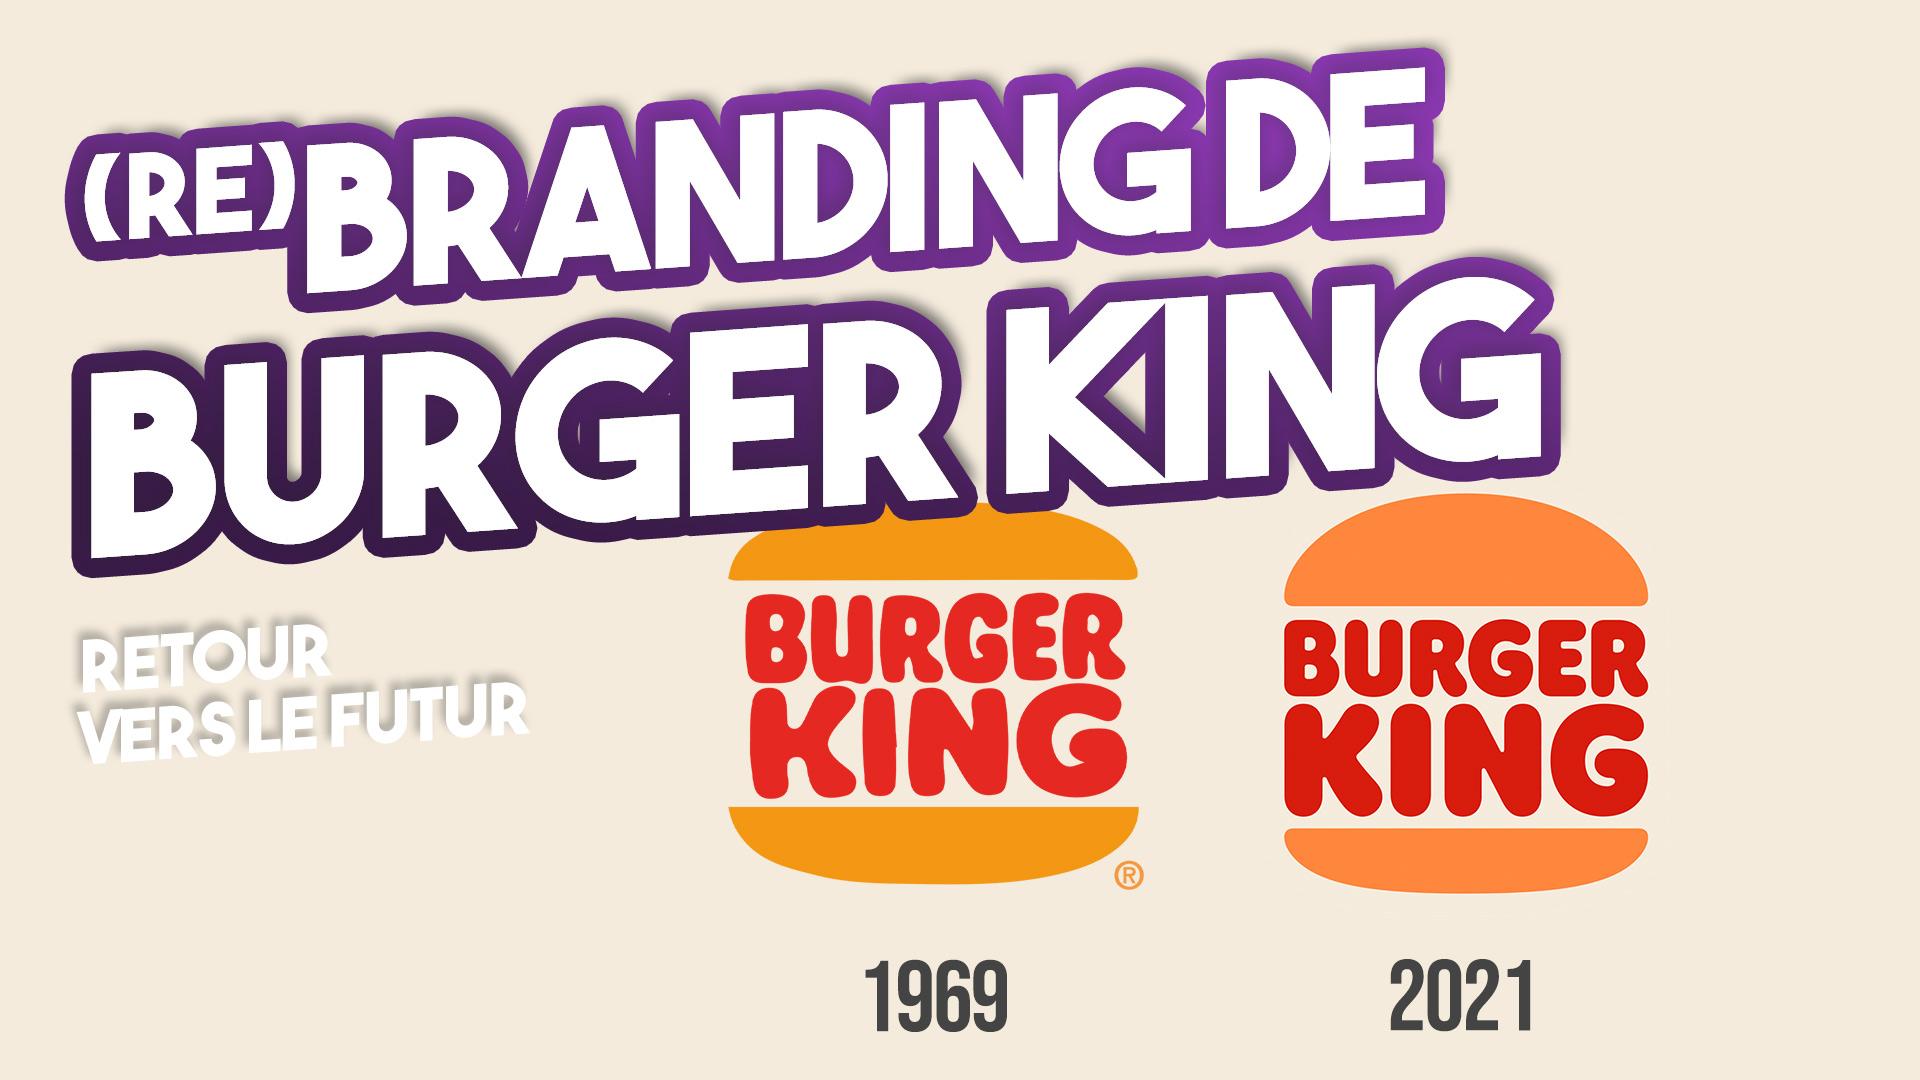 BRANDING : BURGER KING réinvente son passé pour inspirer son futur – Image de marque 2021